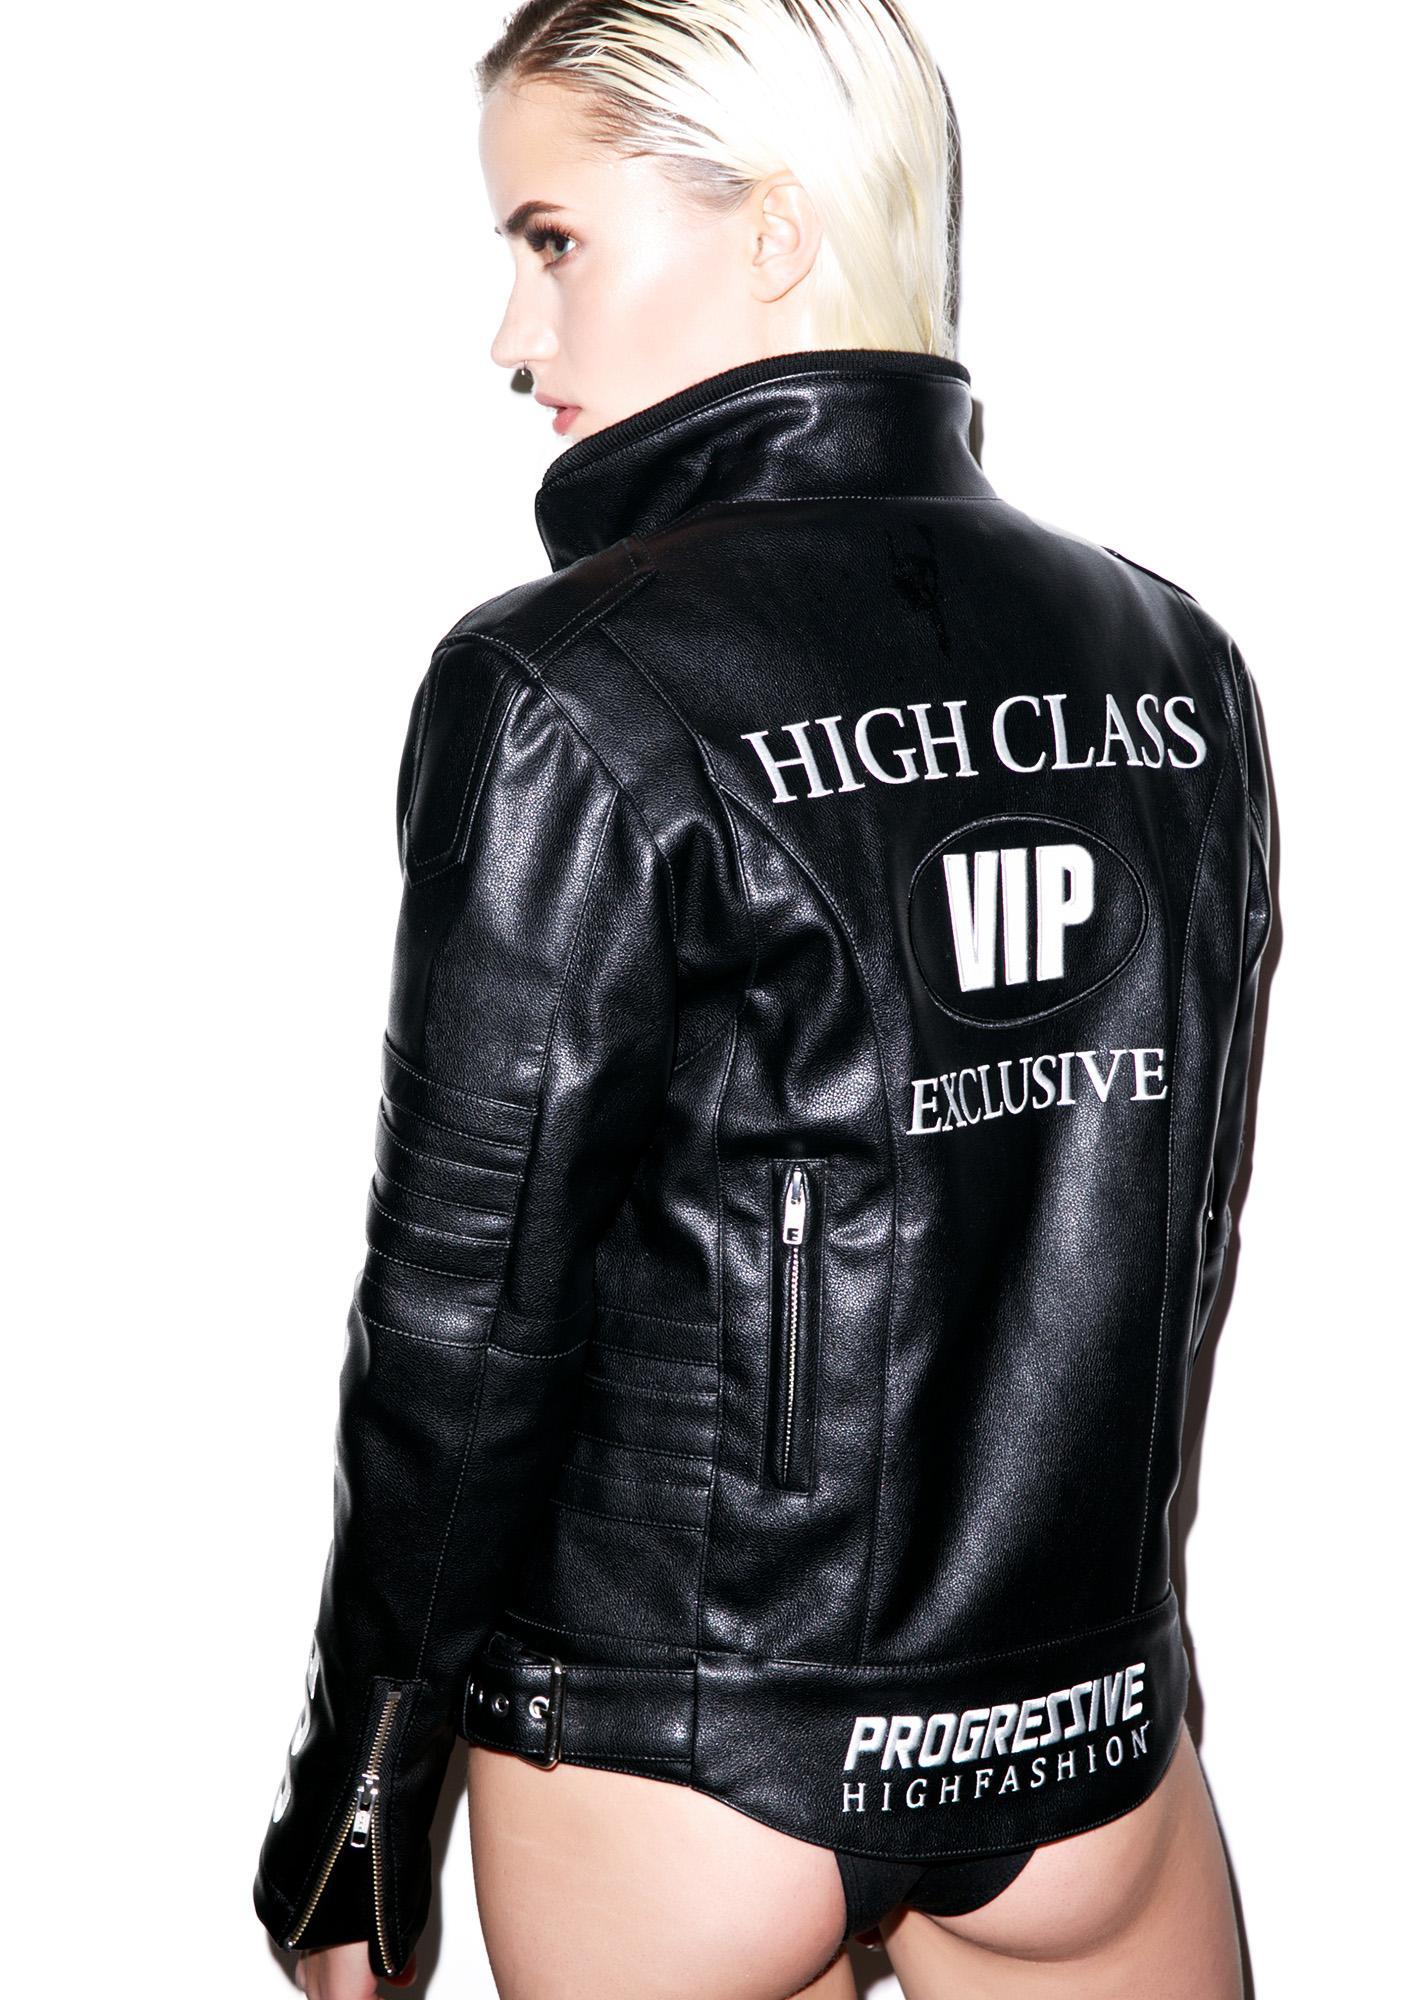 Joyrich VIP High Class Motor Jacket